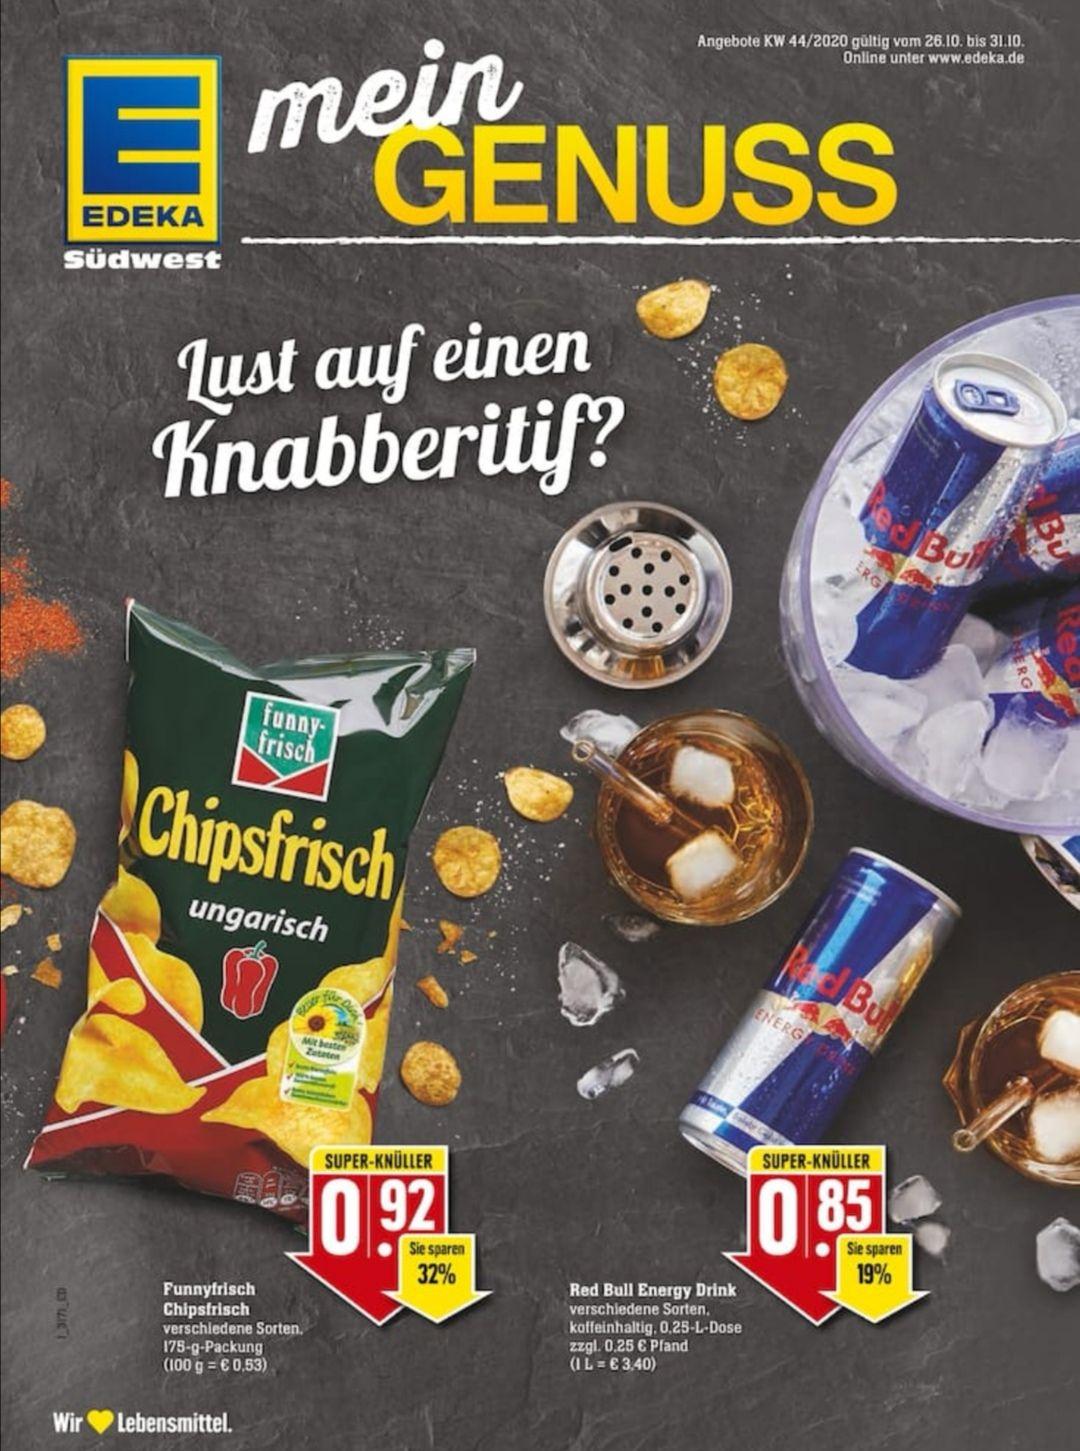 Red Bull Energy Drink 250ml (verschiedene Sorten) + Pfand und FunnyFrisch Chips für EUR 0,92